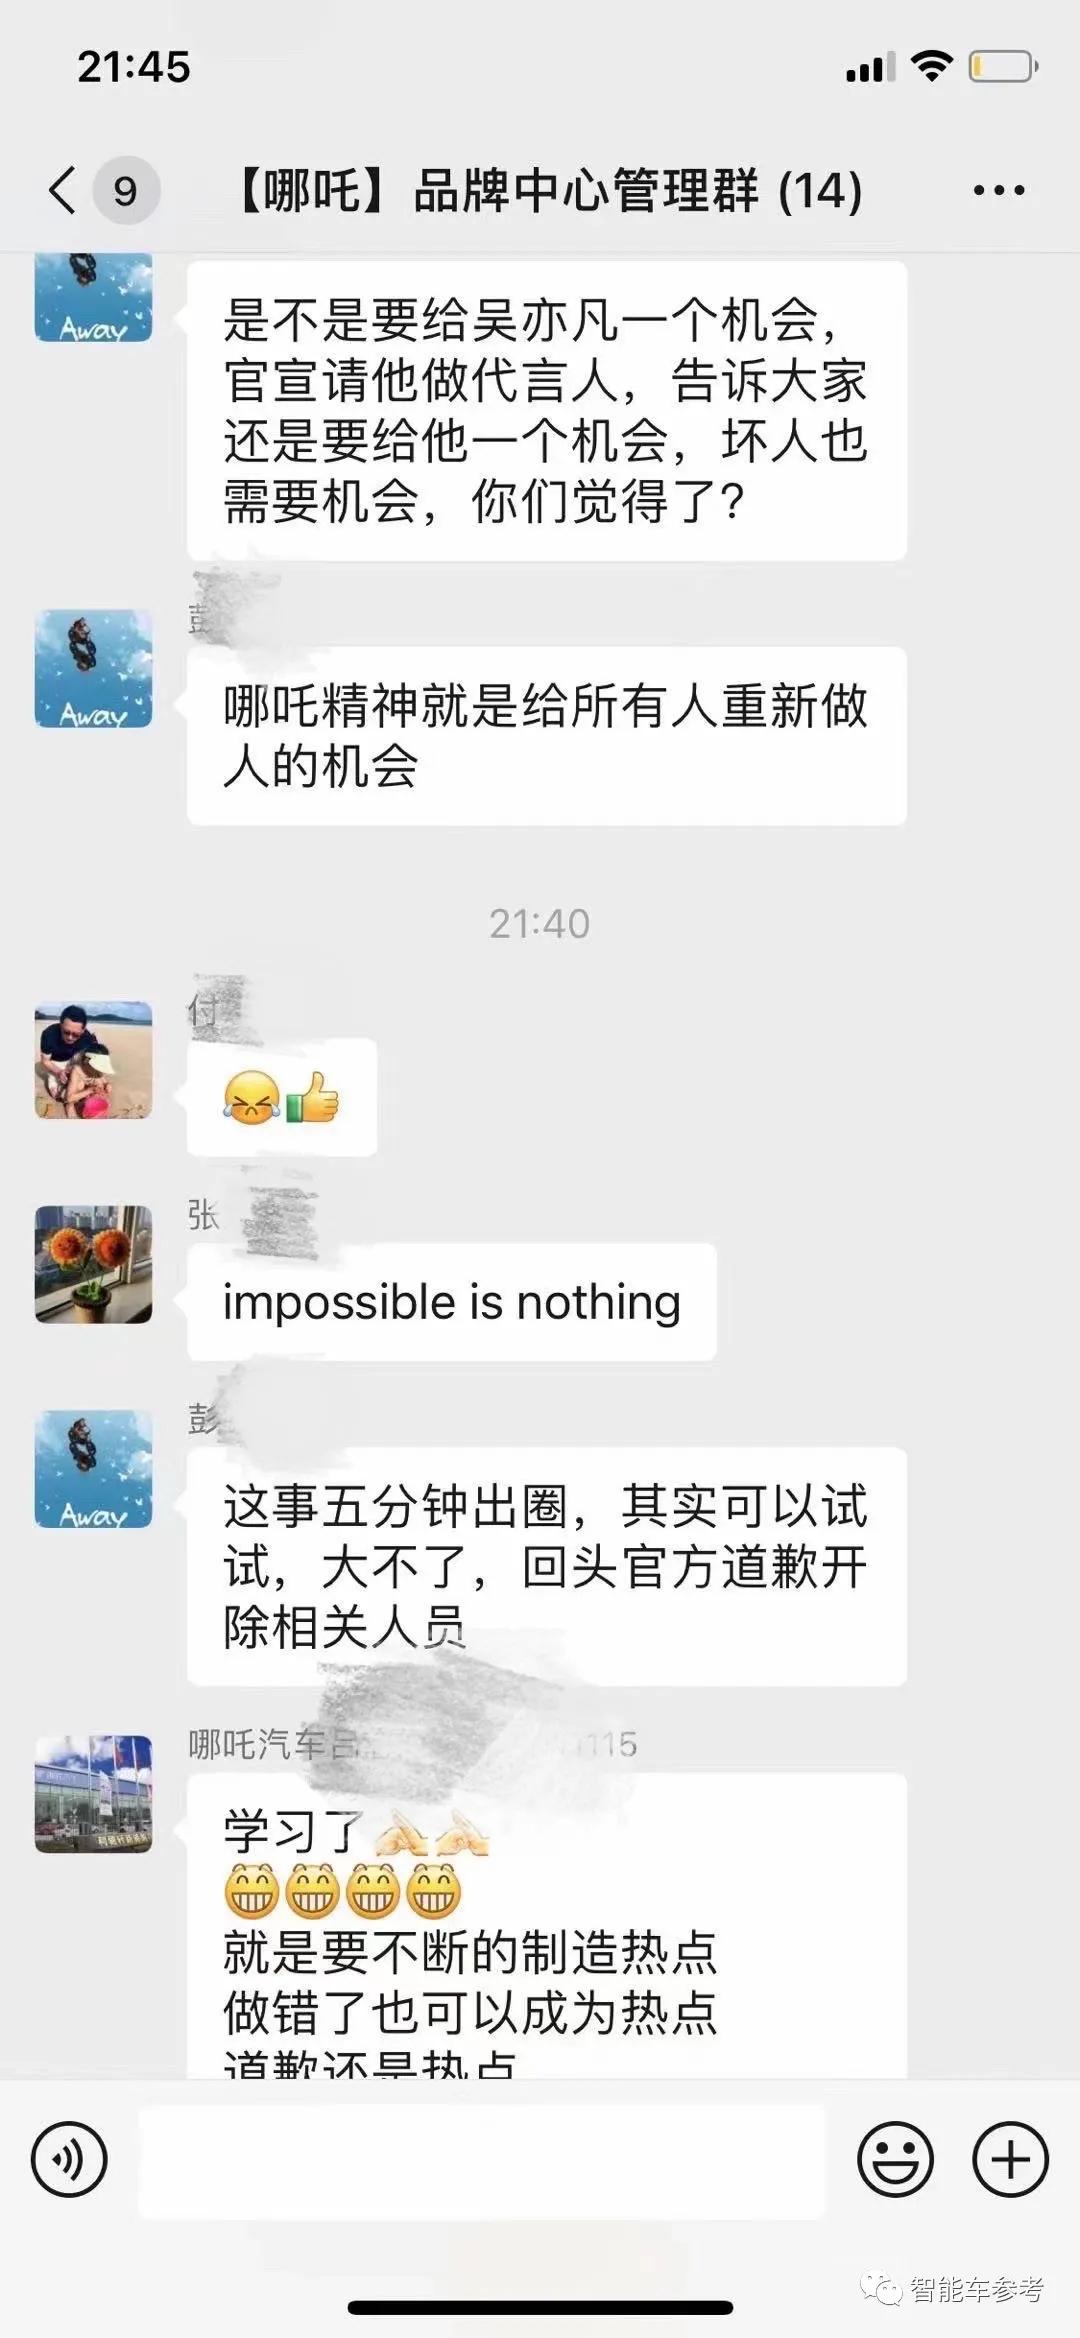 """哪吒汽车市场负责人放话""""给吴亦凡机会请他代言"""",官方:开除"""